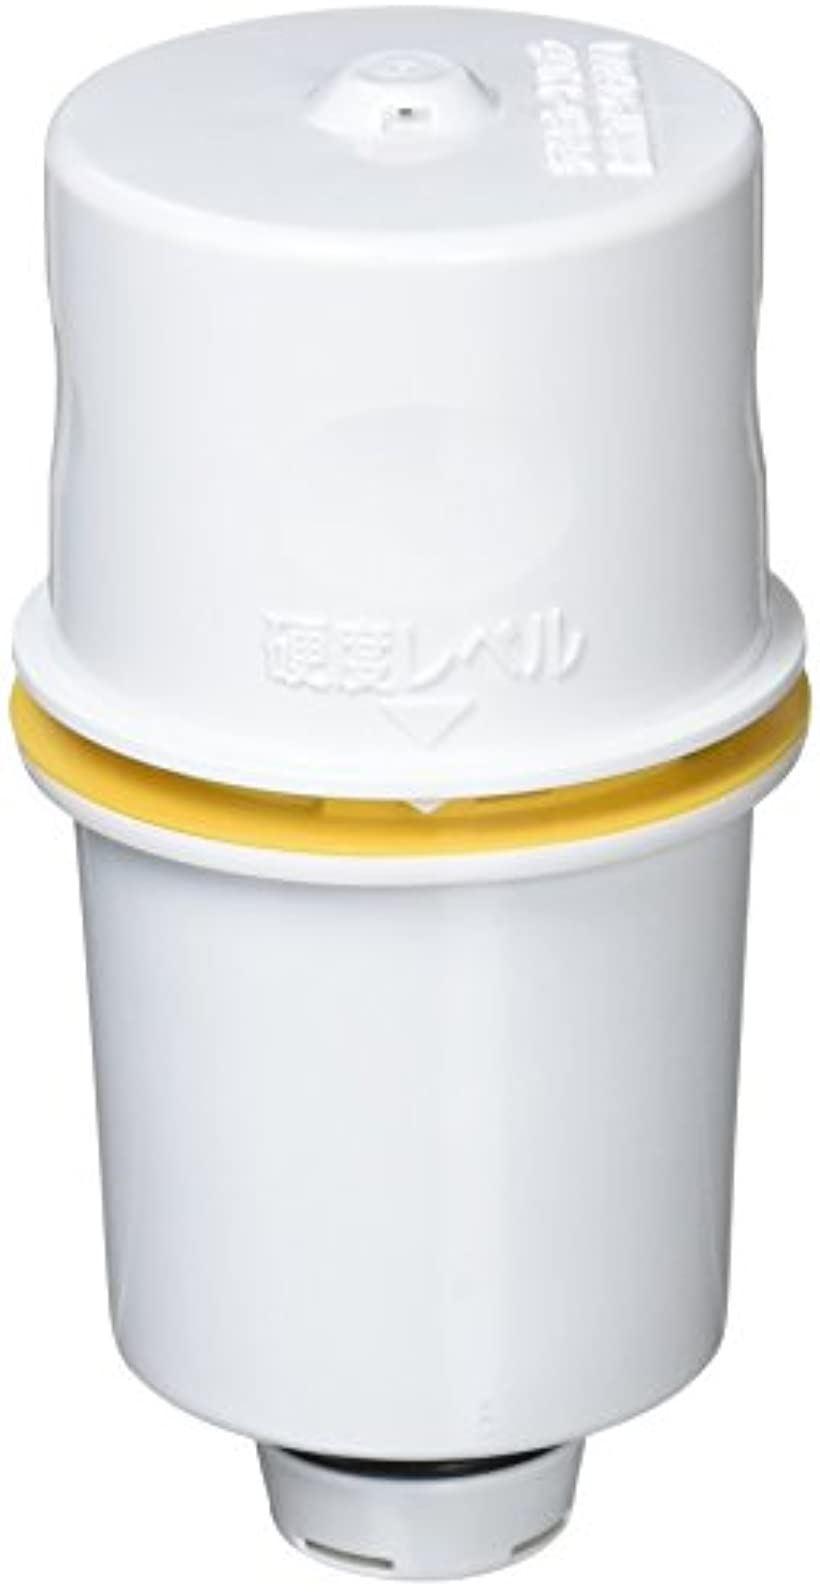 パナソニック Panasonic 浄水器カートリッジ 春の新作 TK-CP20C2 激安通販販売 ポッド型用